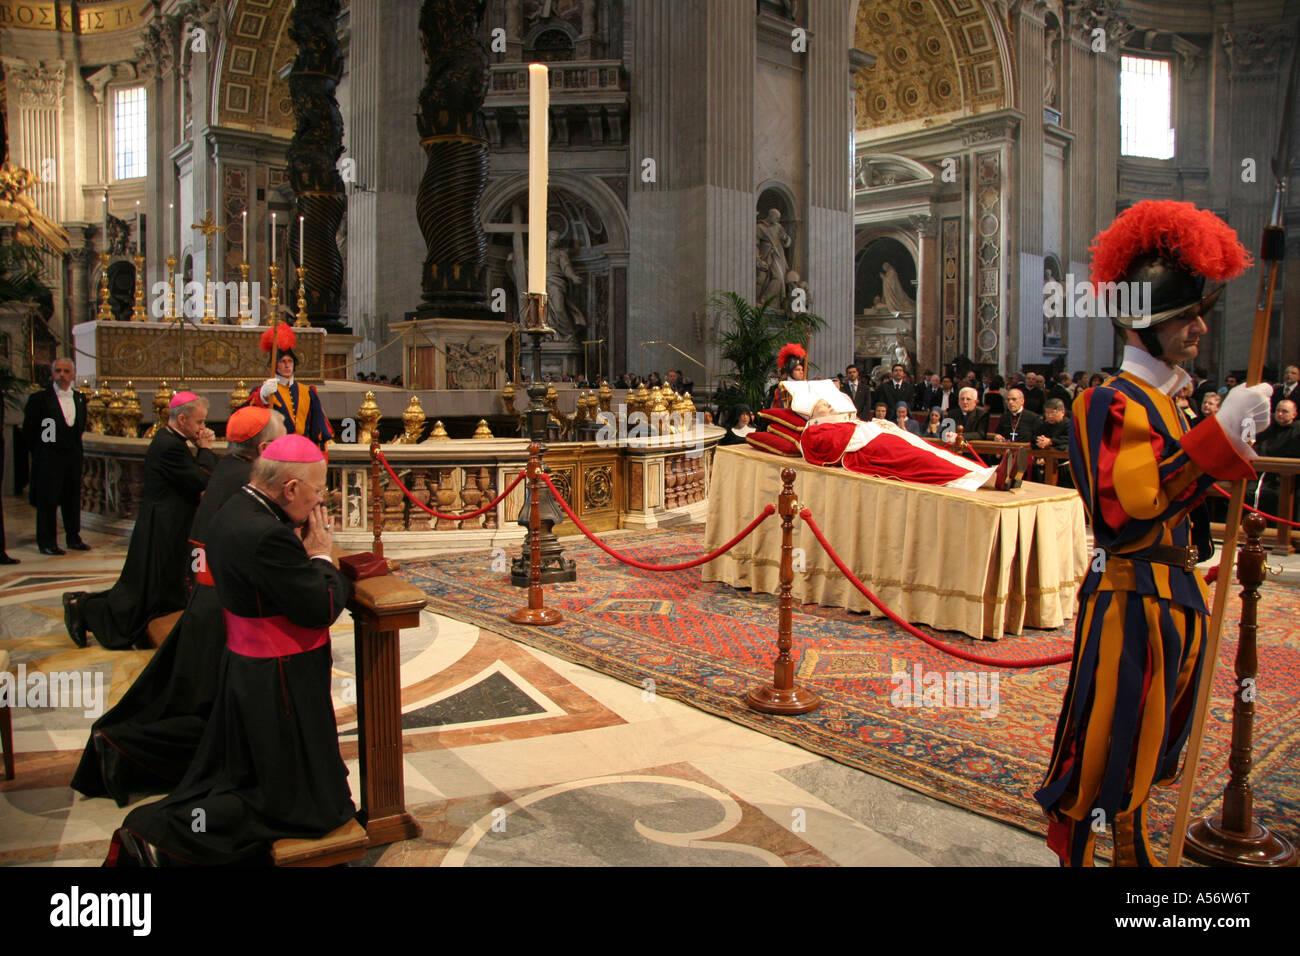 Popes essay on man